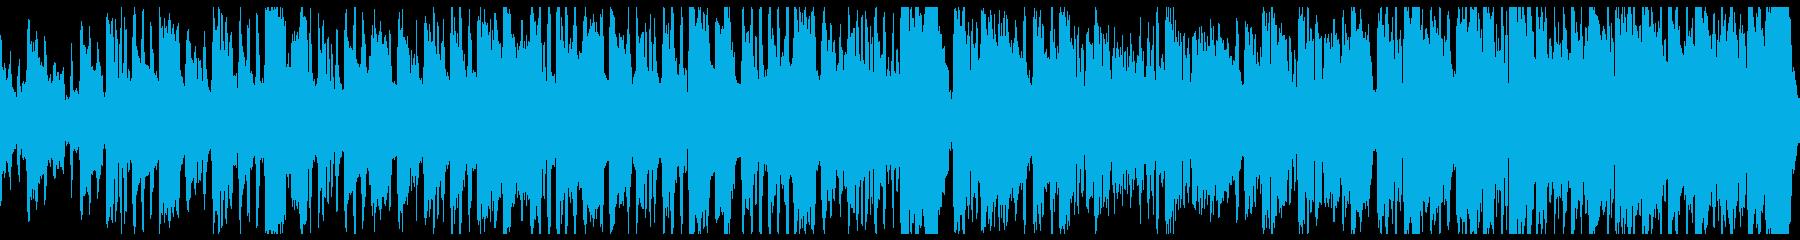 メルヘンチックでかわいい曲の再生済みの波形